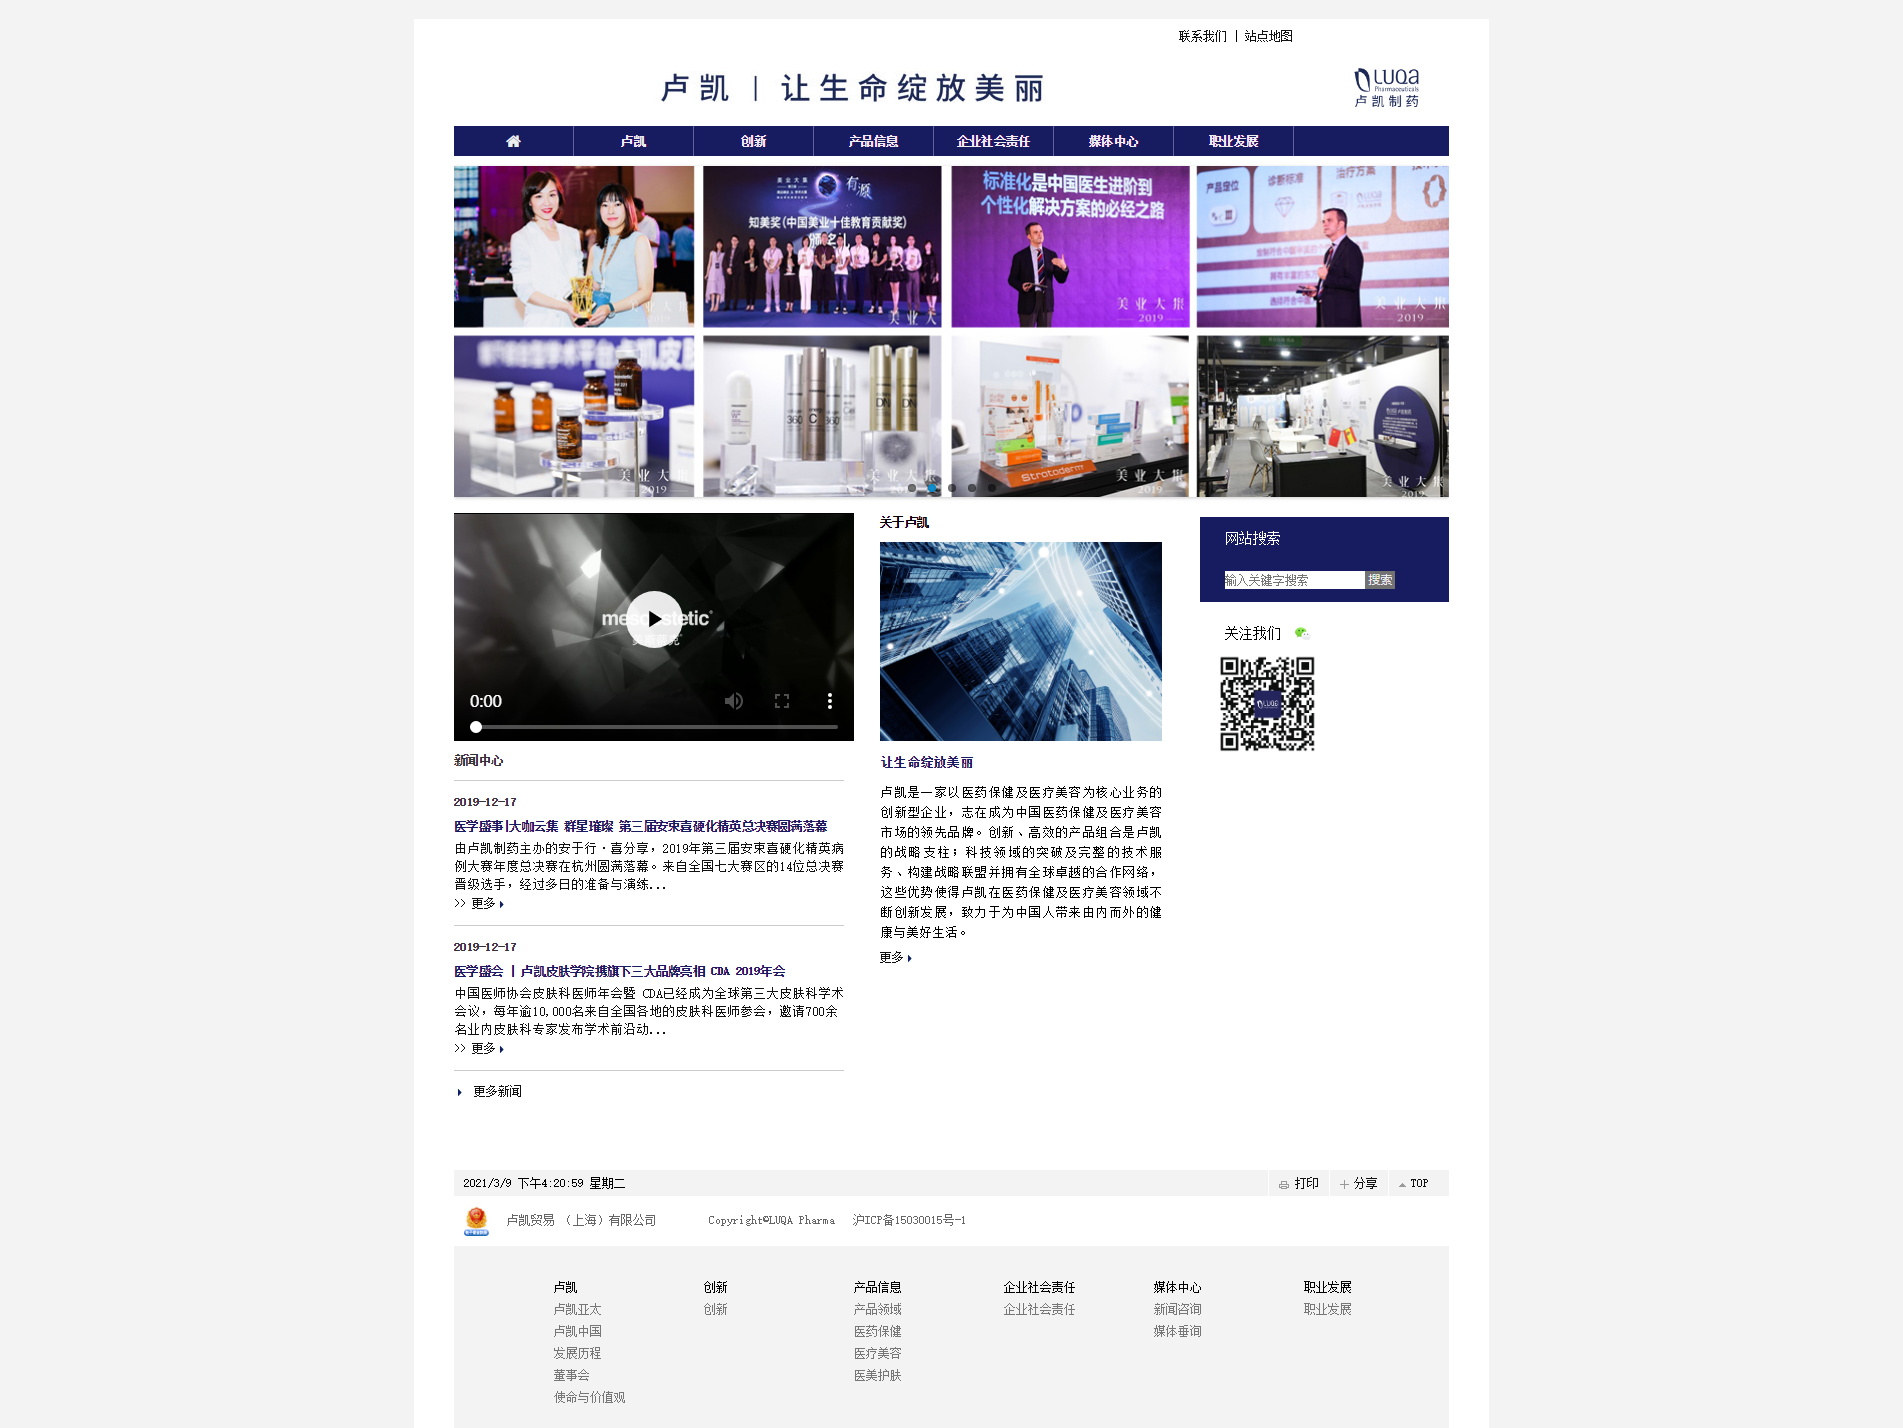 八藏案例-企业展示网址-卢凯制药LUQA Pharma